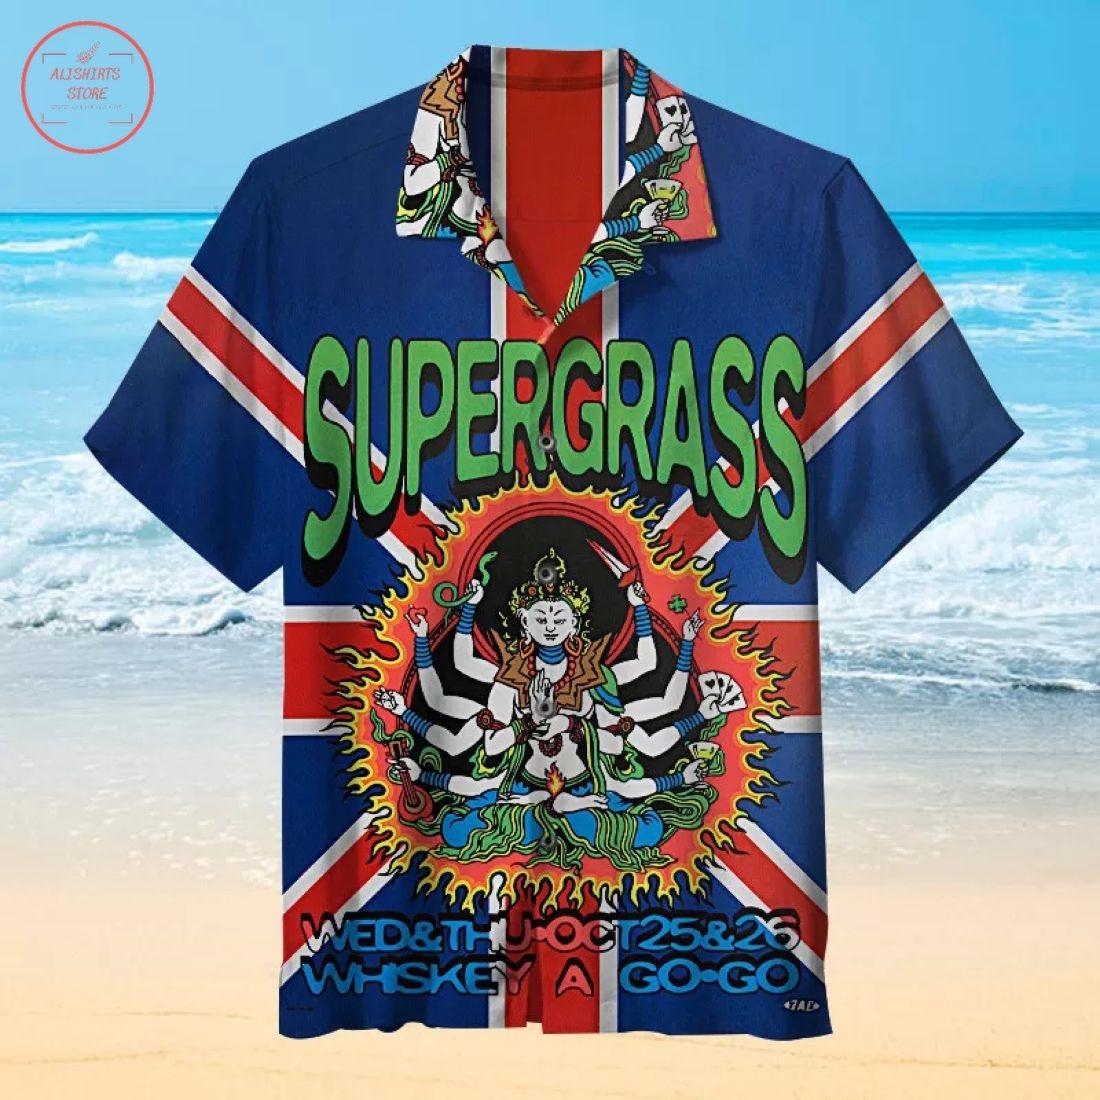 Supergrass Concert Poster Hawaiian Shirt